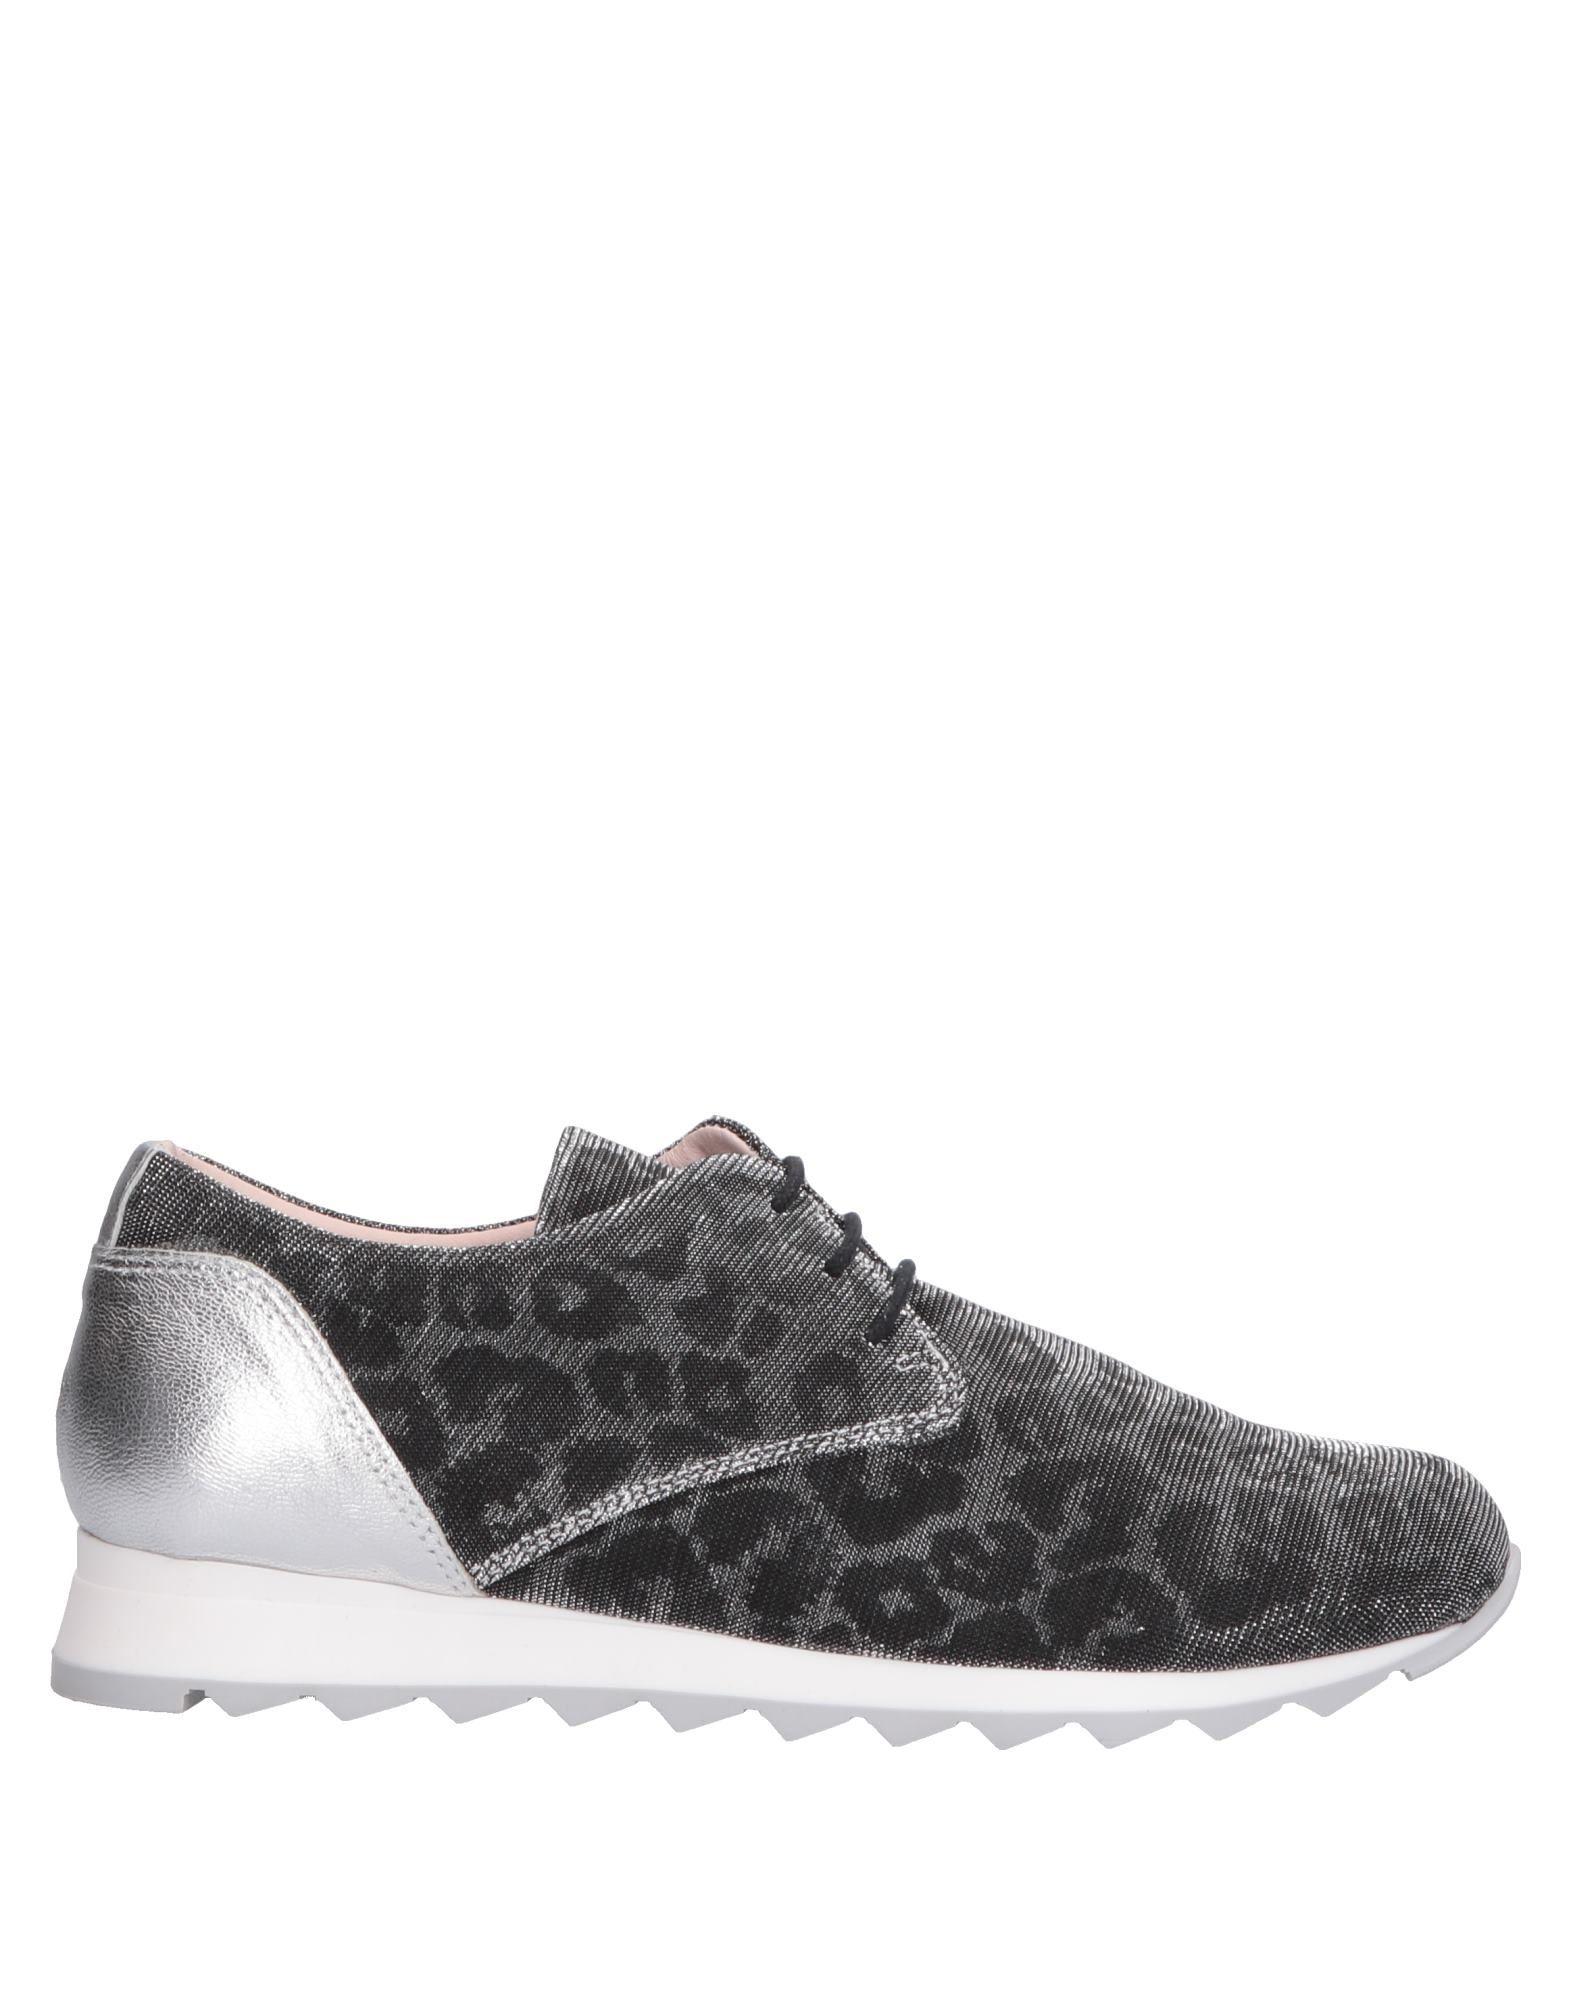 Tosca Blu Schuhes Sneakers sich Damen Gutes Preis-Leistungs-Verhältnis, es lohnt sich Sneakers 012ddd